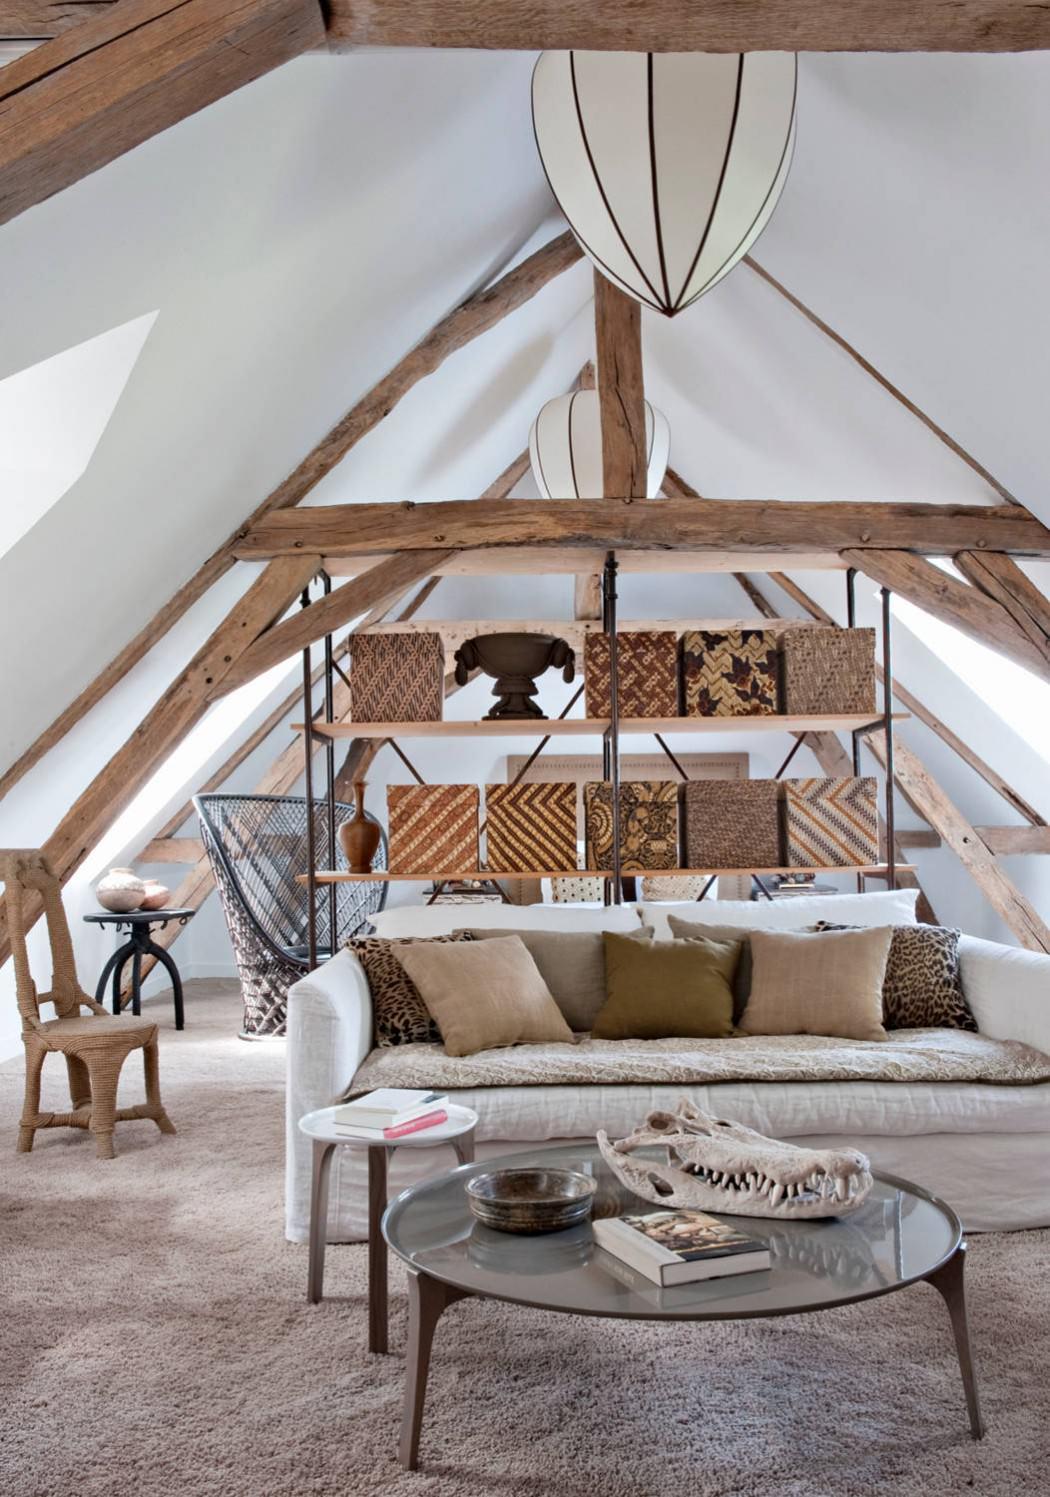 غرفة نوم وجلوس بديكورات طبيعية منزل متميز بديكورات مستوحاة من الطبيعة وأعماق البحار